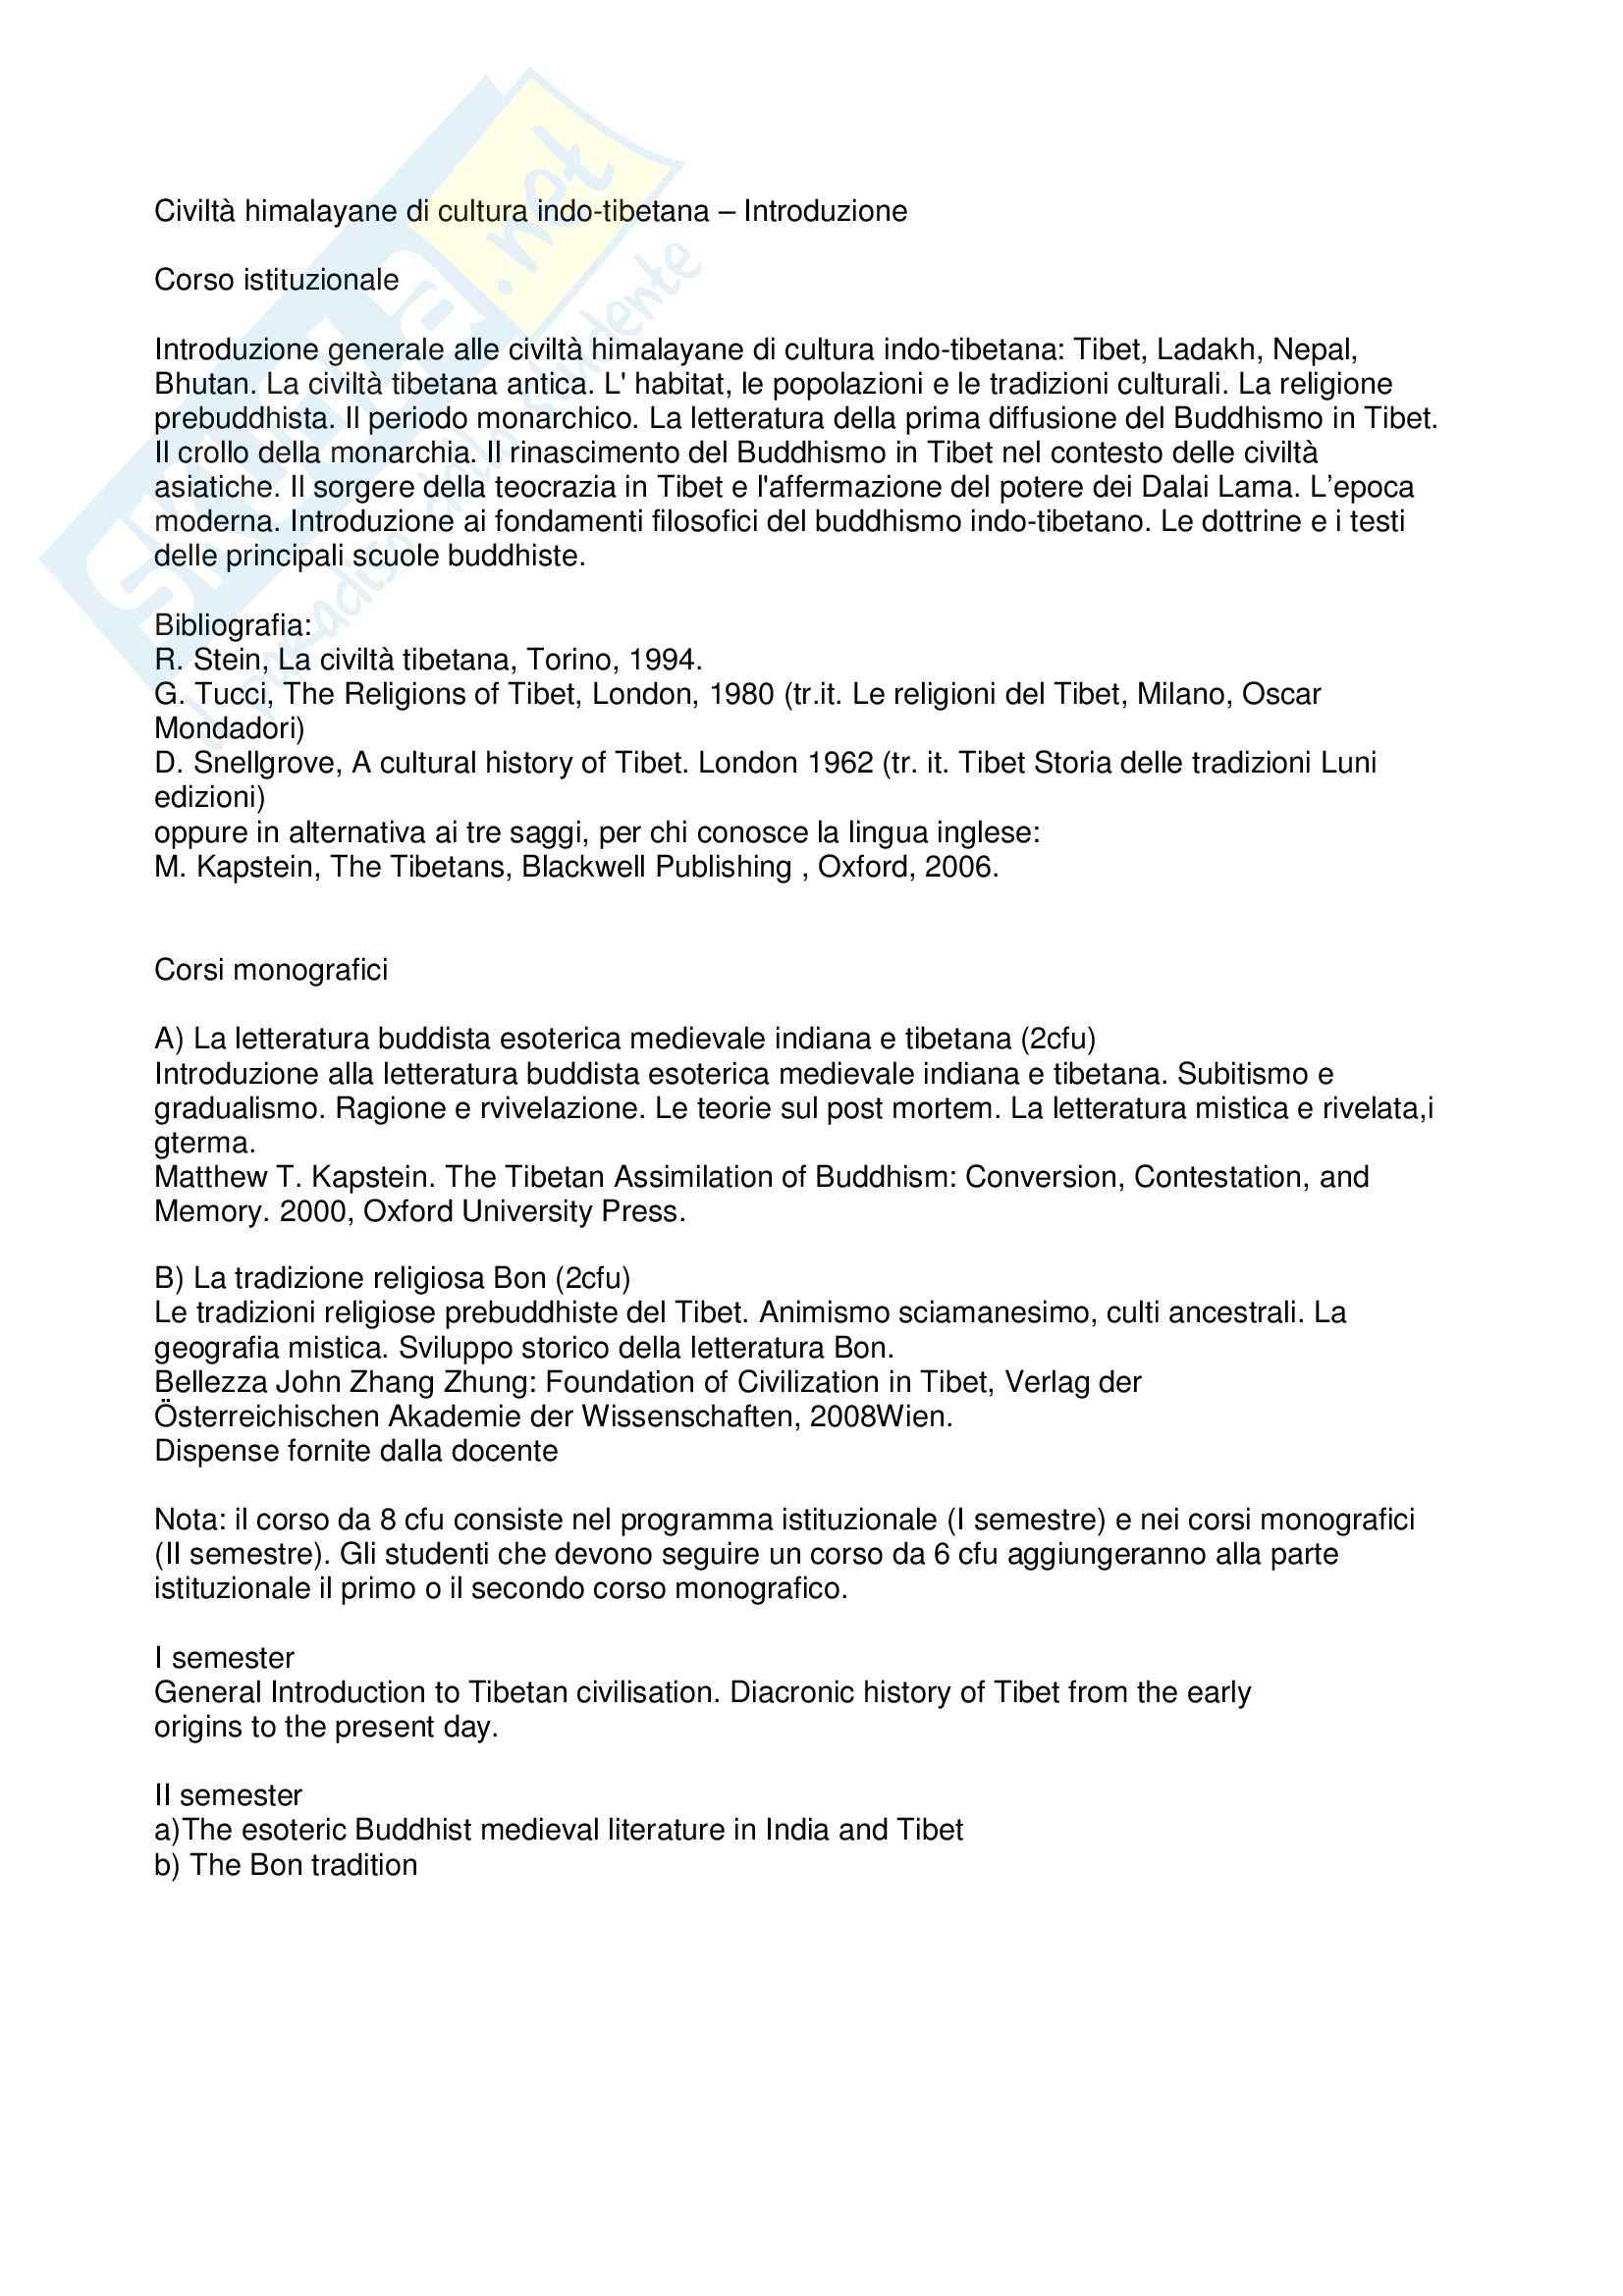 Civiltà himalayane di cultura indo-tibetana - Introduzione